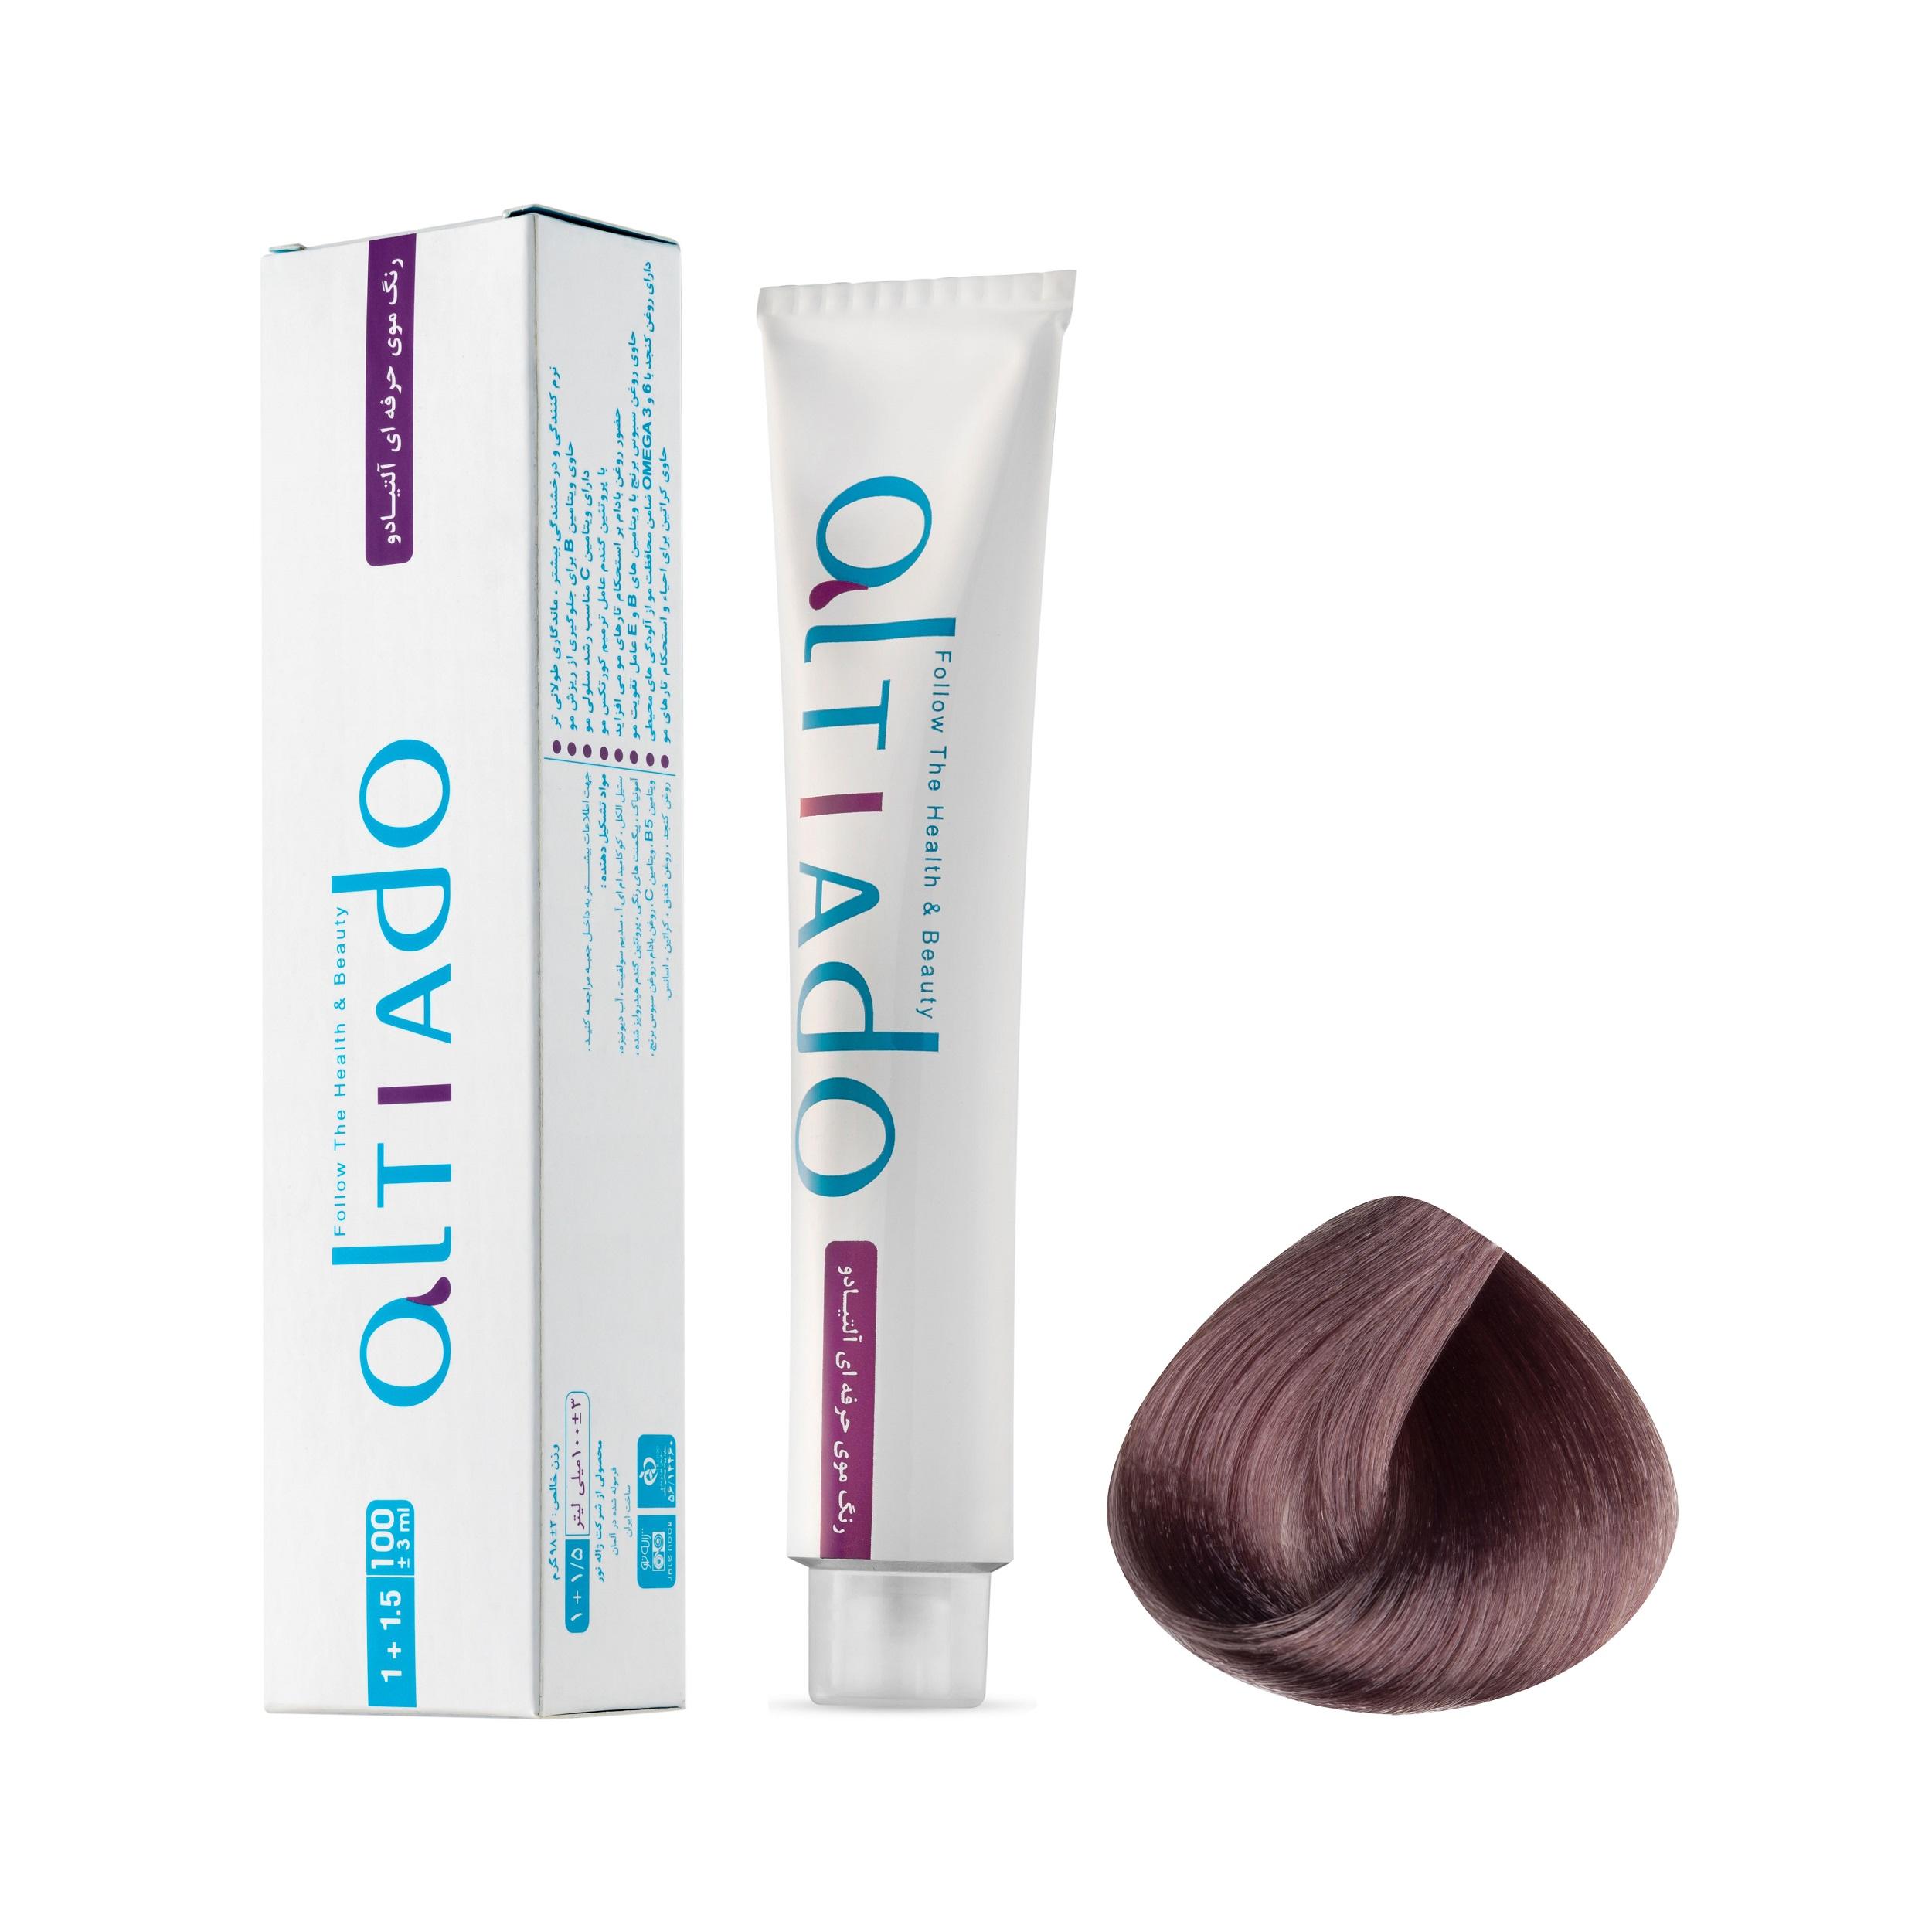 رنگ مو آلتیادو شماره 6.15 حجم 100 میلی لیتر رنگ بلوند ماسه ای متوسط